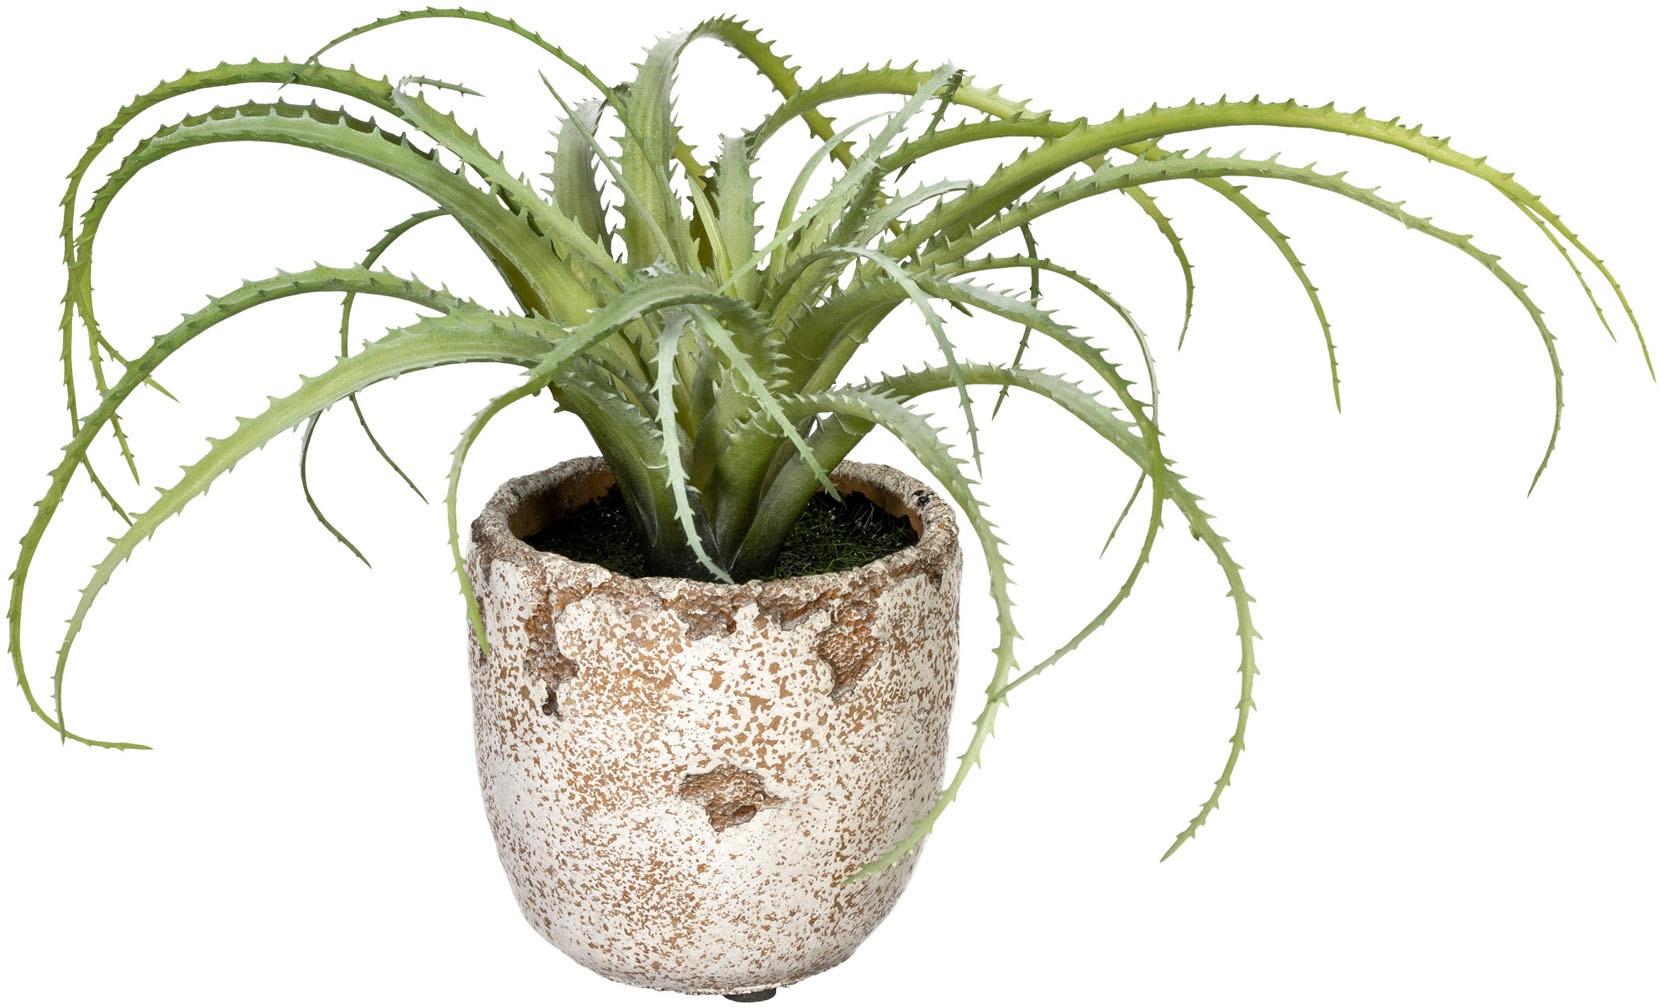 Creativ green Künstliche Zimmerpflanze Aloe arborescens, im Zementtopf grün Zimmerpflanzen Kunstpflanzen Wohnaccessoires